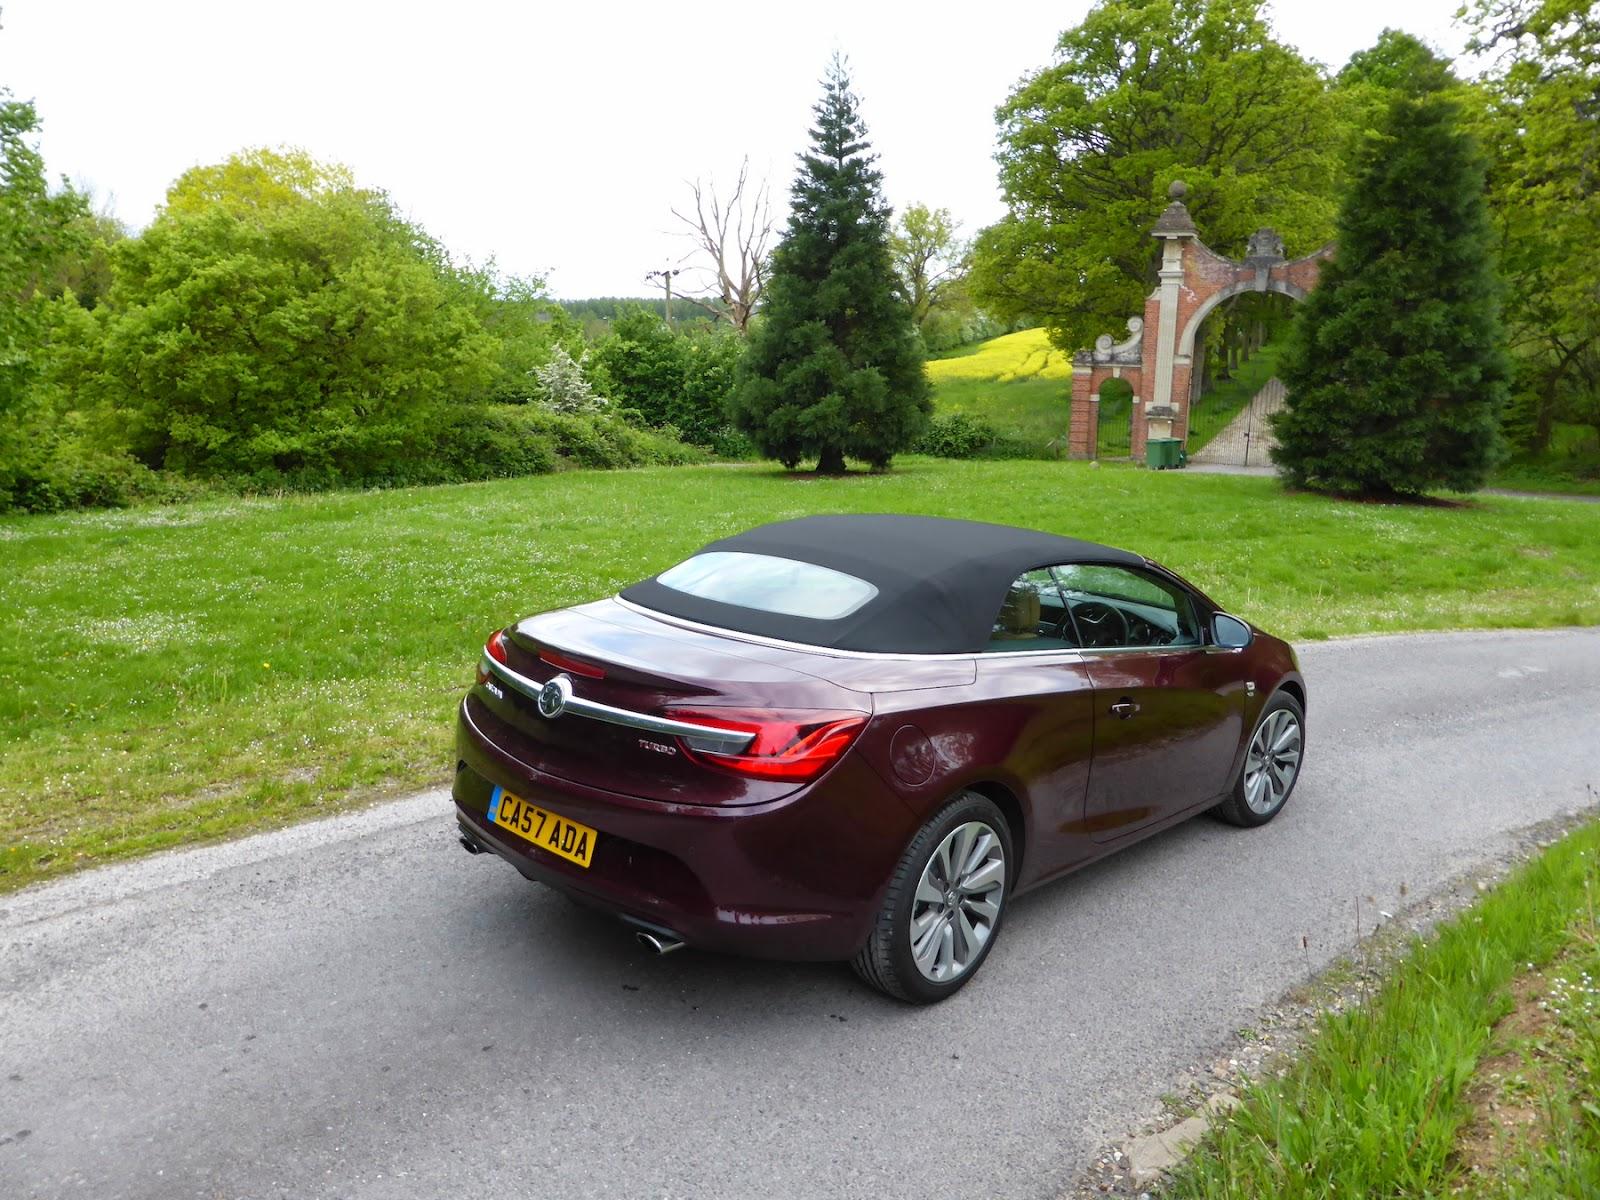 2014 Vauxhall Cascada